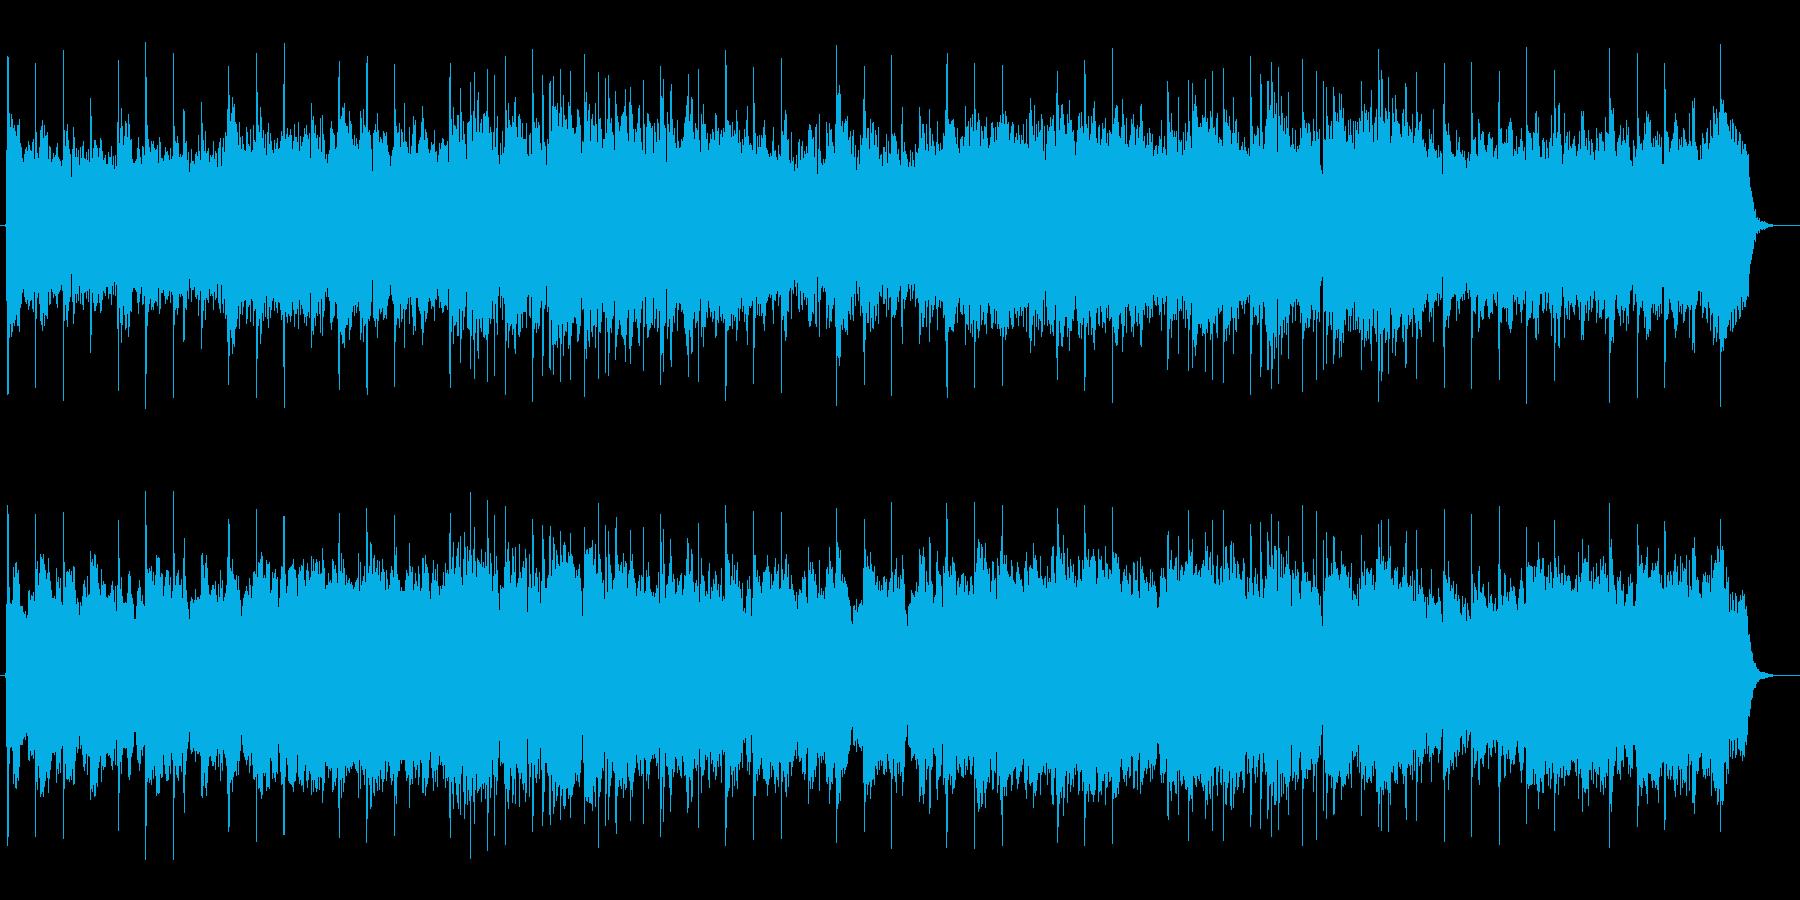 広がりのある穏やかなスローテンポな曲の再生済みの波形